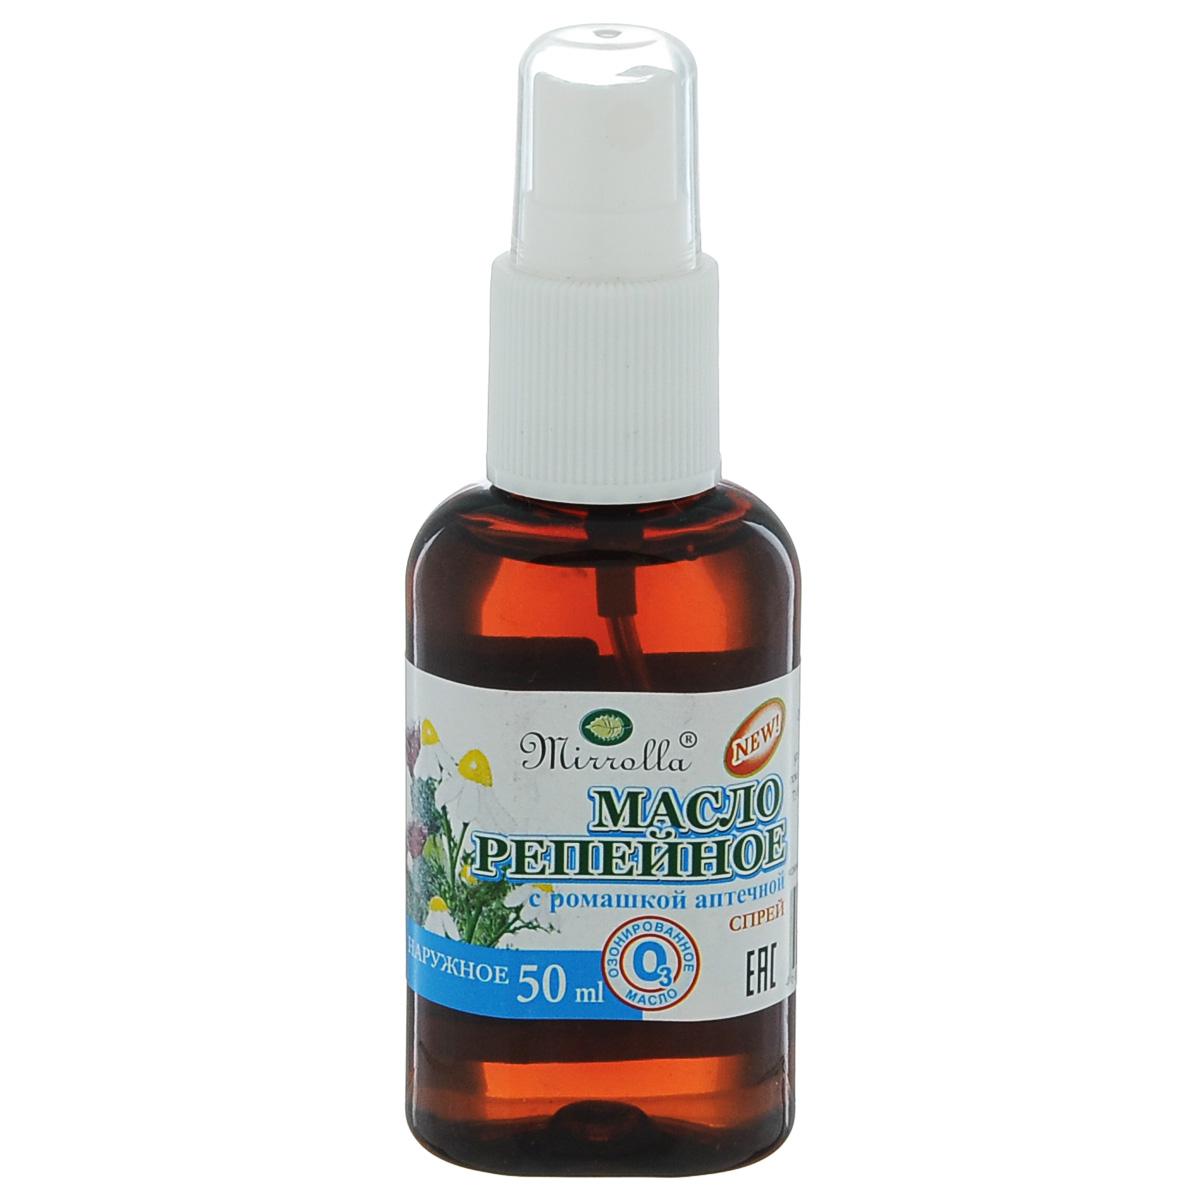 Мирролла Репейное масло с ромашкой аптечной, озонированное, 50 мл